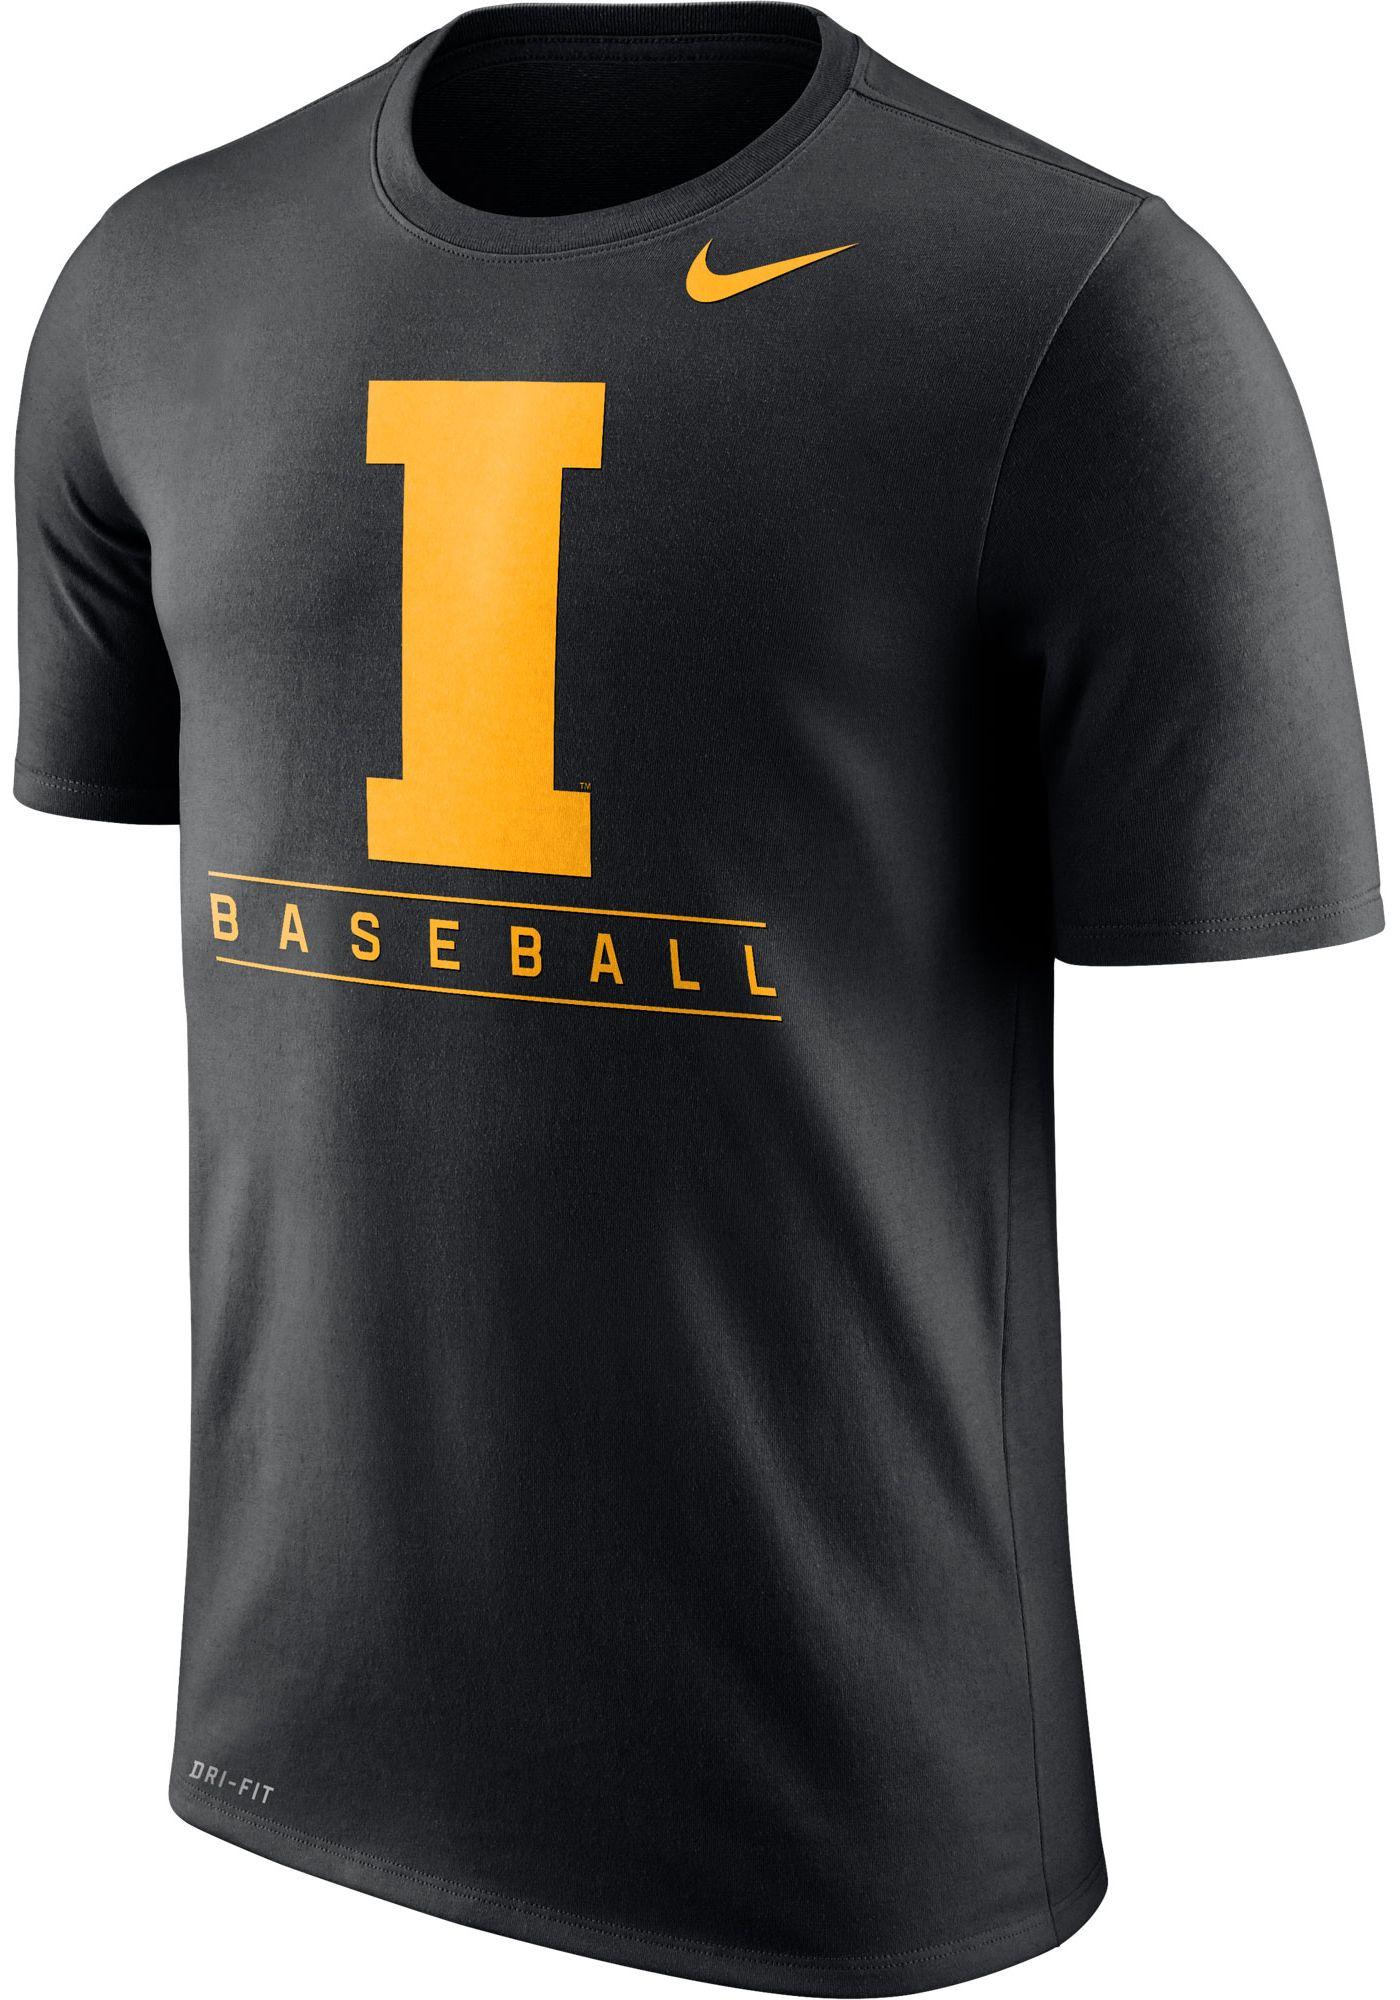 Nike Men's Iowa Hawkeyes Dri-FIT Legend Baseball Black T-Shirt